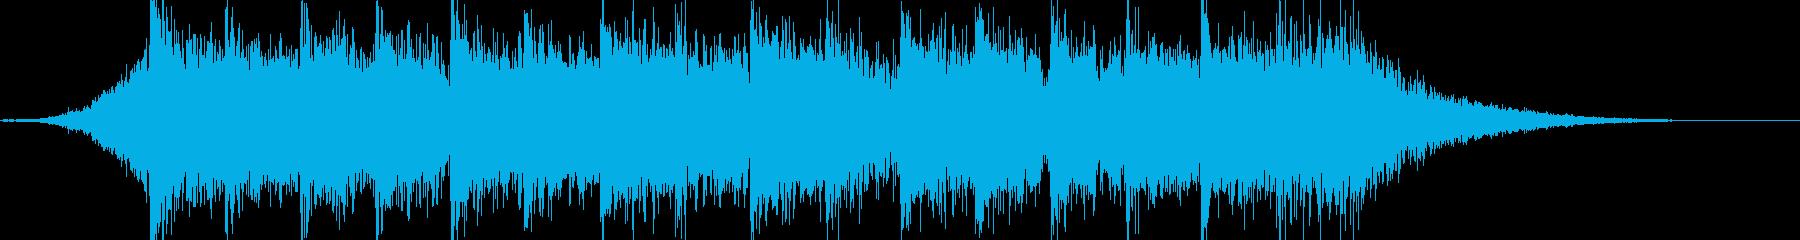 企業VPや映像41、壮大、オーケストラcの再生済みの波形